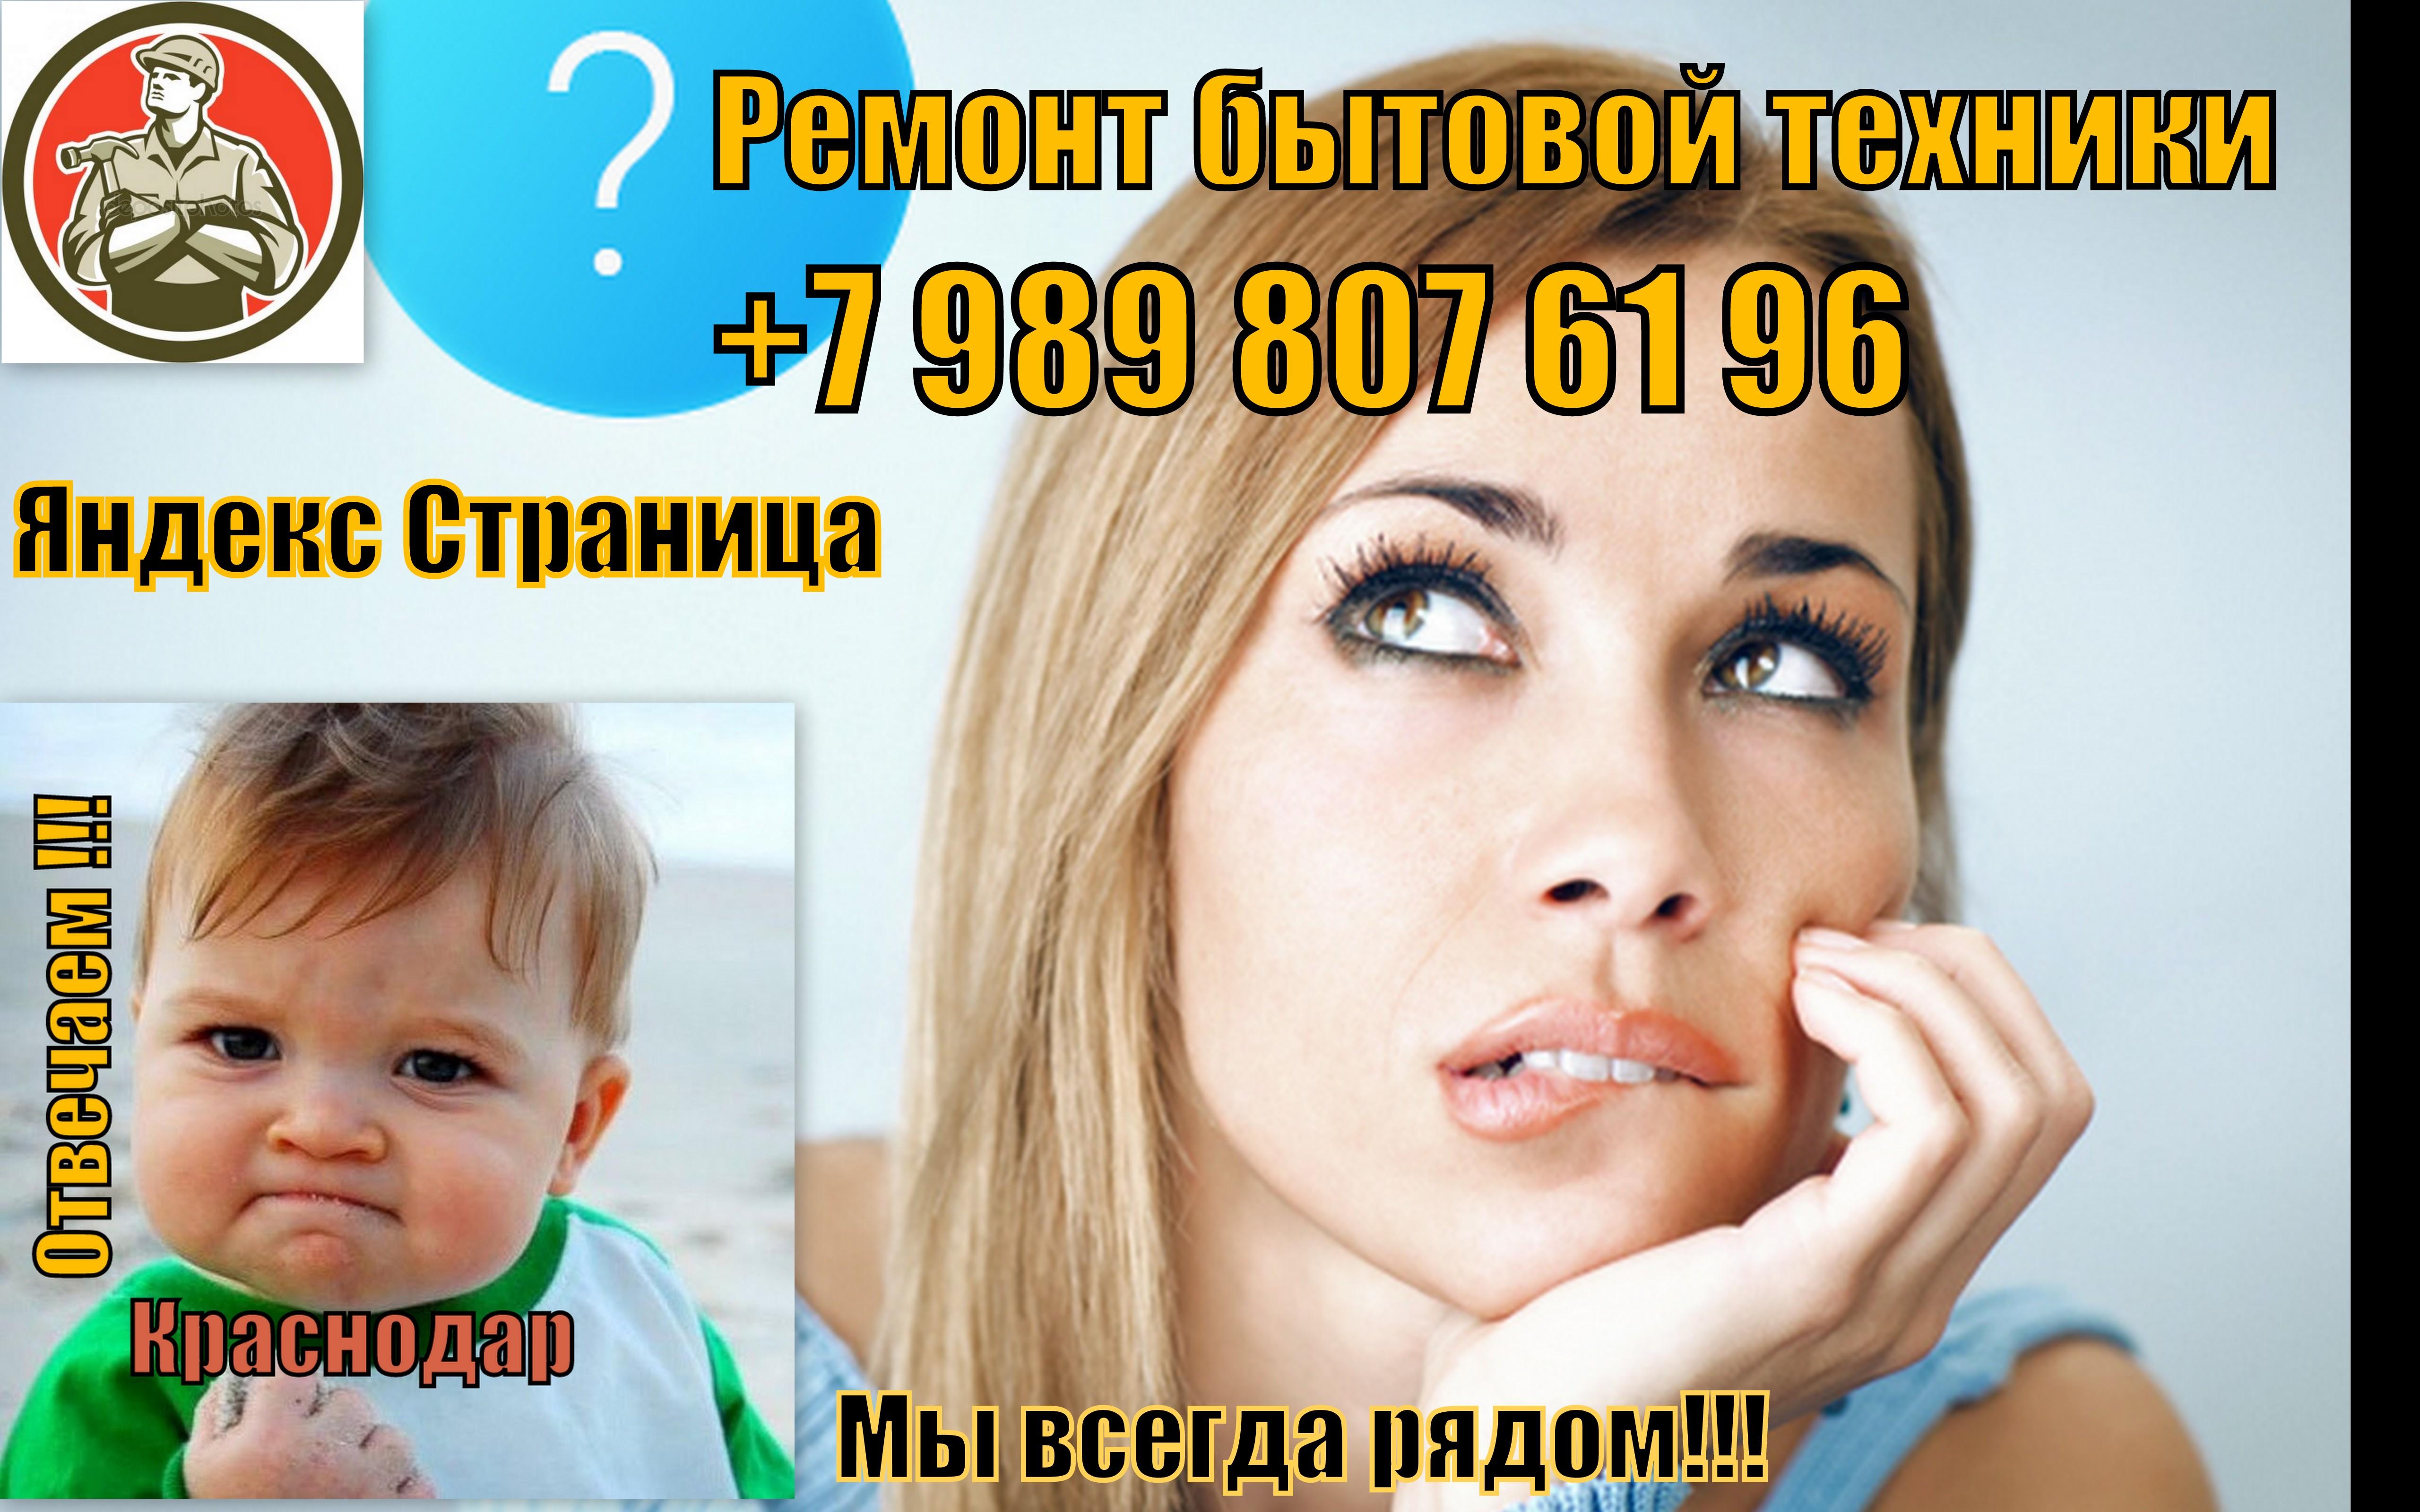 Яндекс страница Яндекс услуги